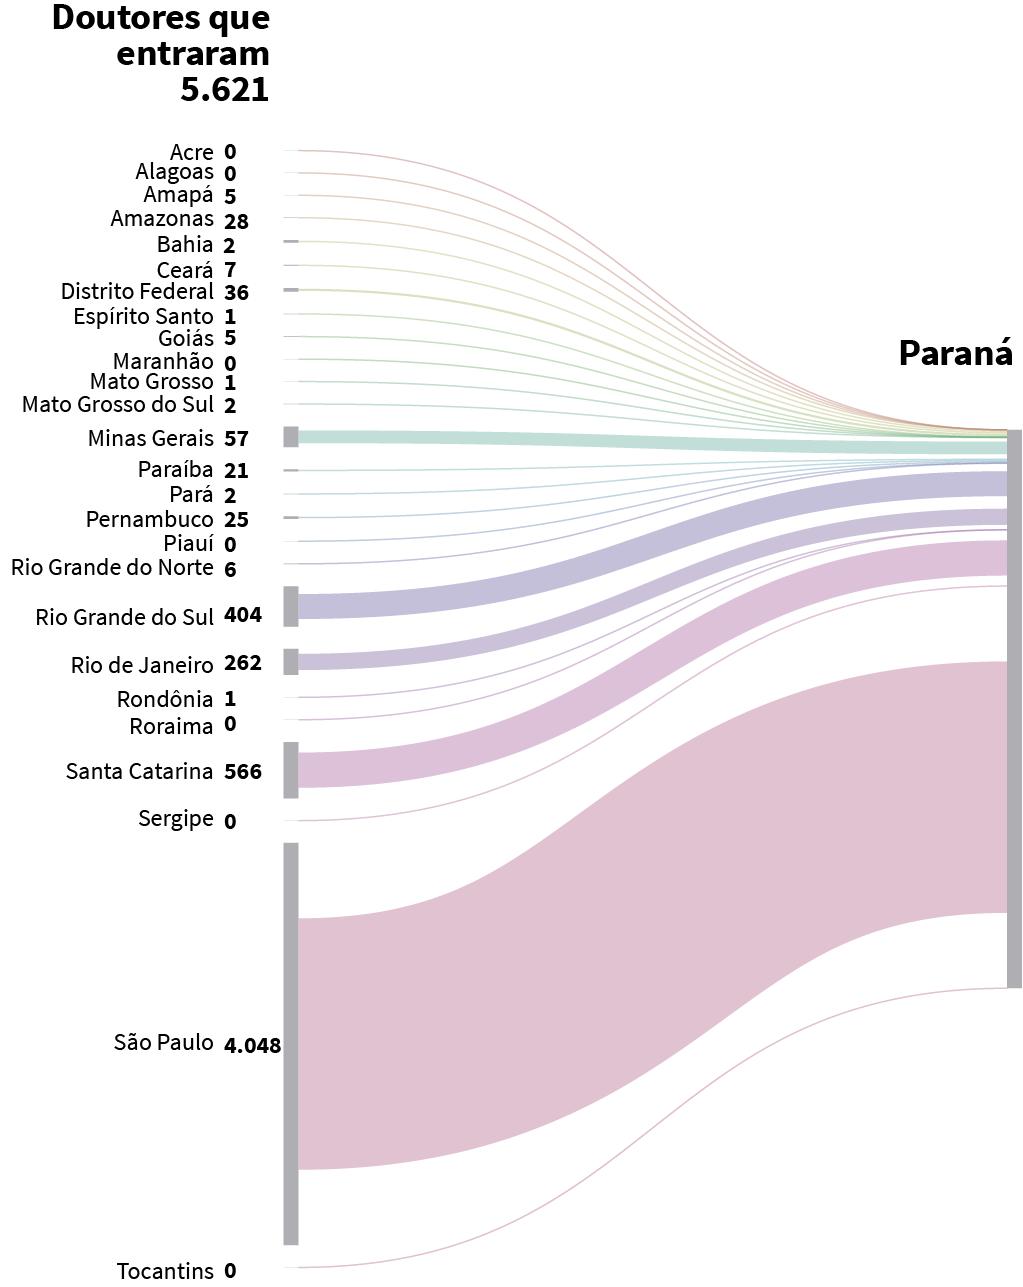 388177d997 Doutores que se formaram em outros estados e entraram no Paraná.